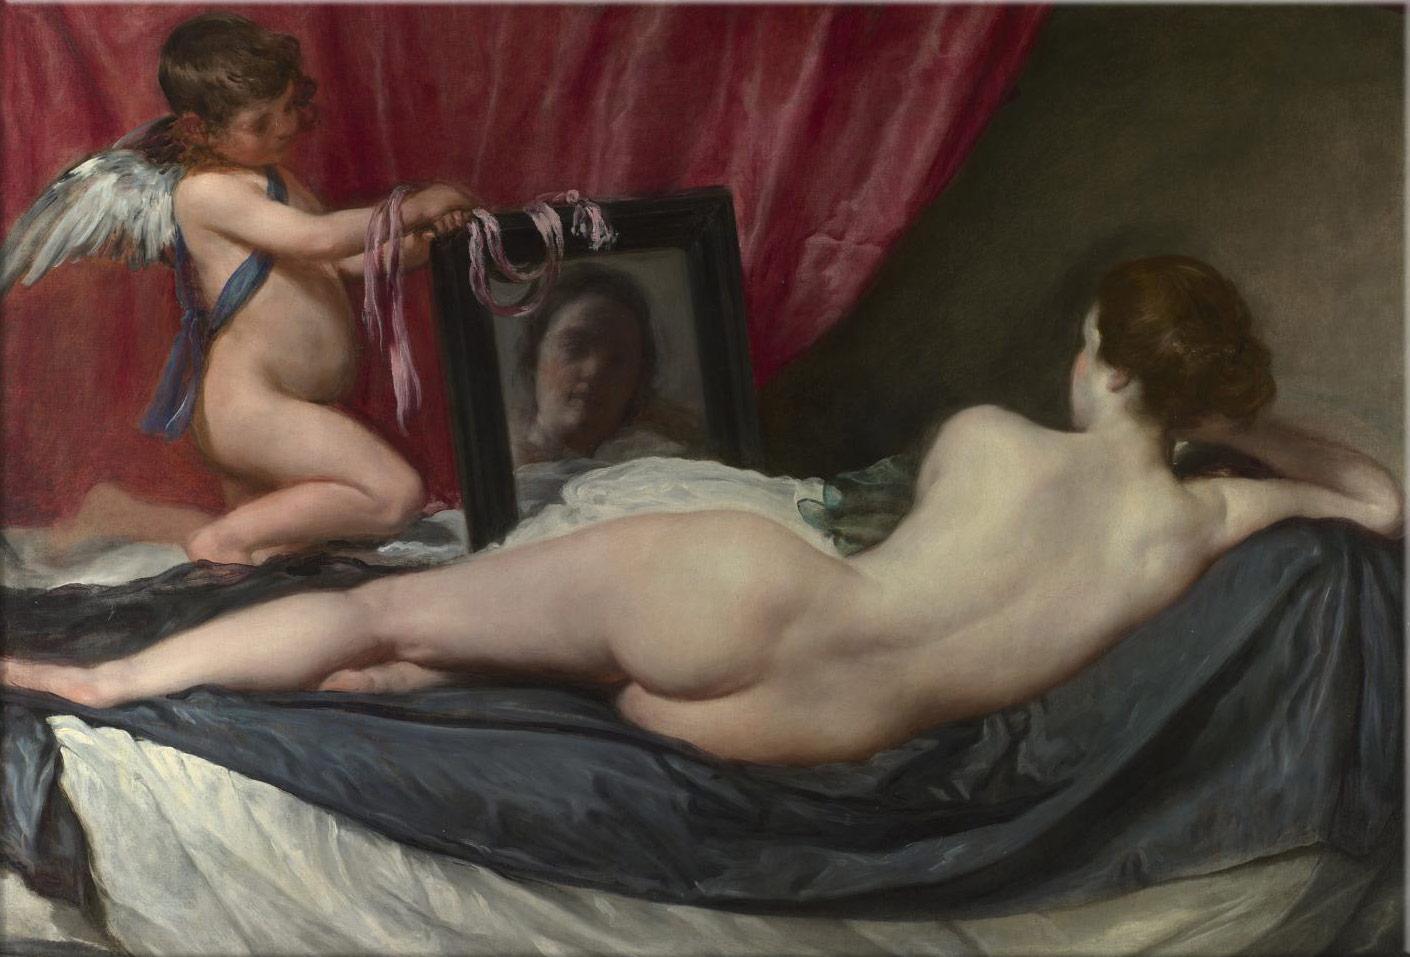 伦敦国家博物馆 镜前的维纳斯 The Rokeby Venus